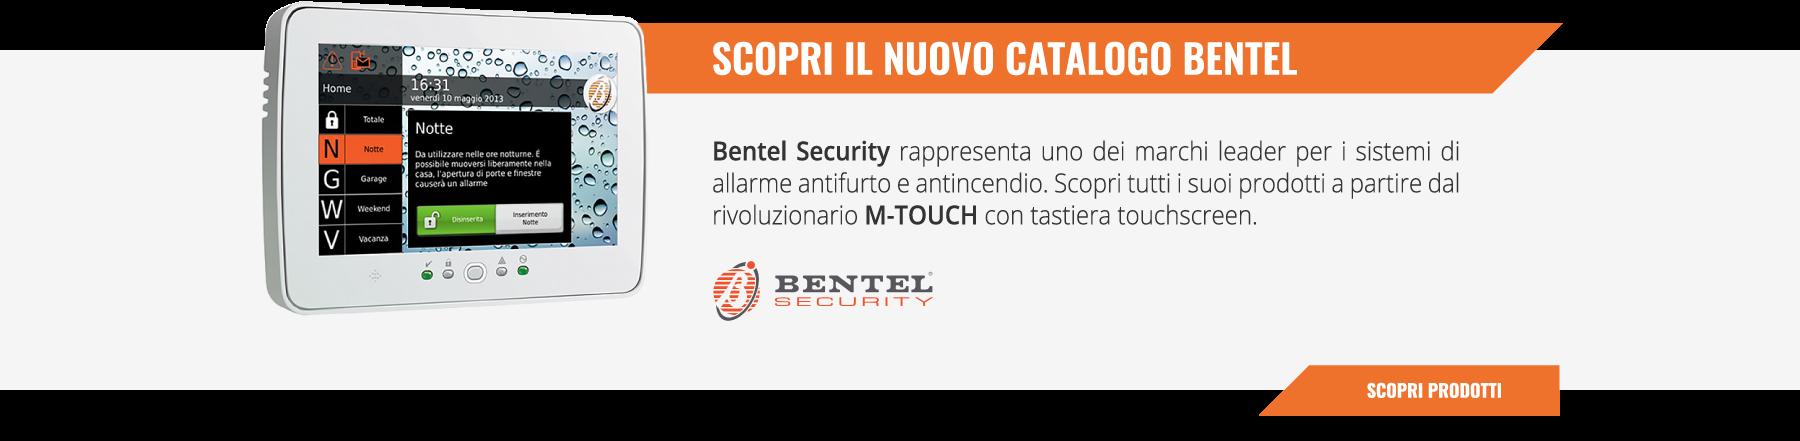 Scopri il nuovo catalogo Bentel